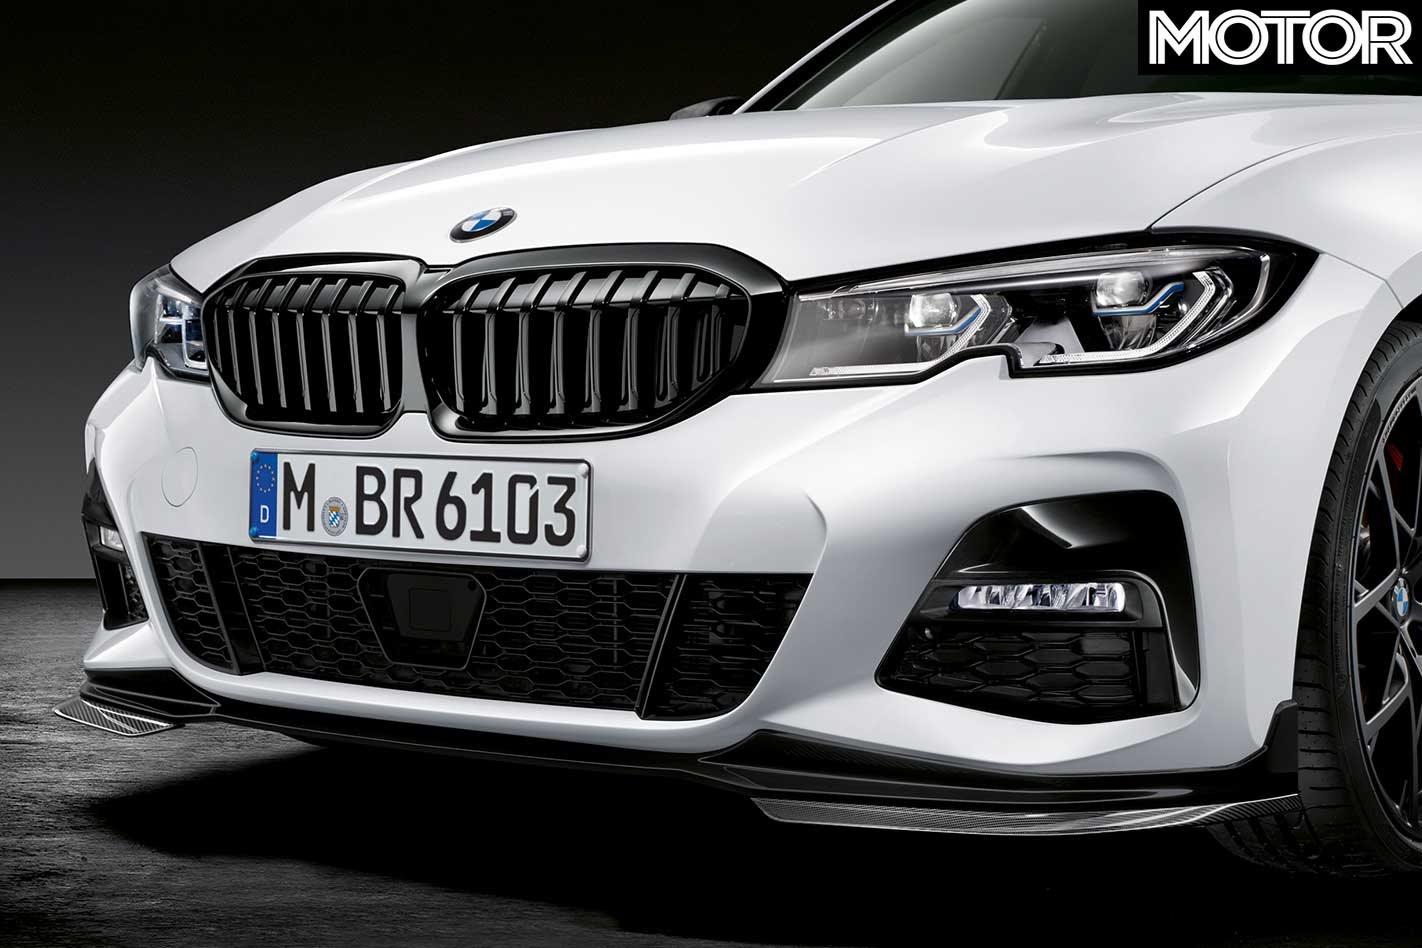 Bmw Reveals M Performance Parts For G20 3 Series 2018 Paris Motor Show